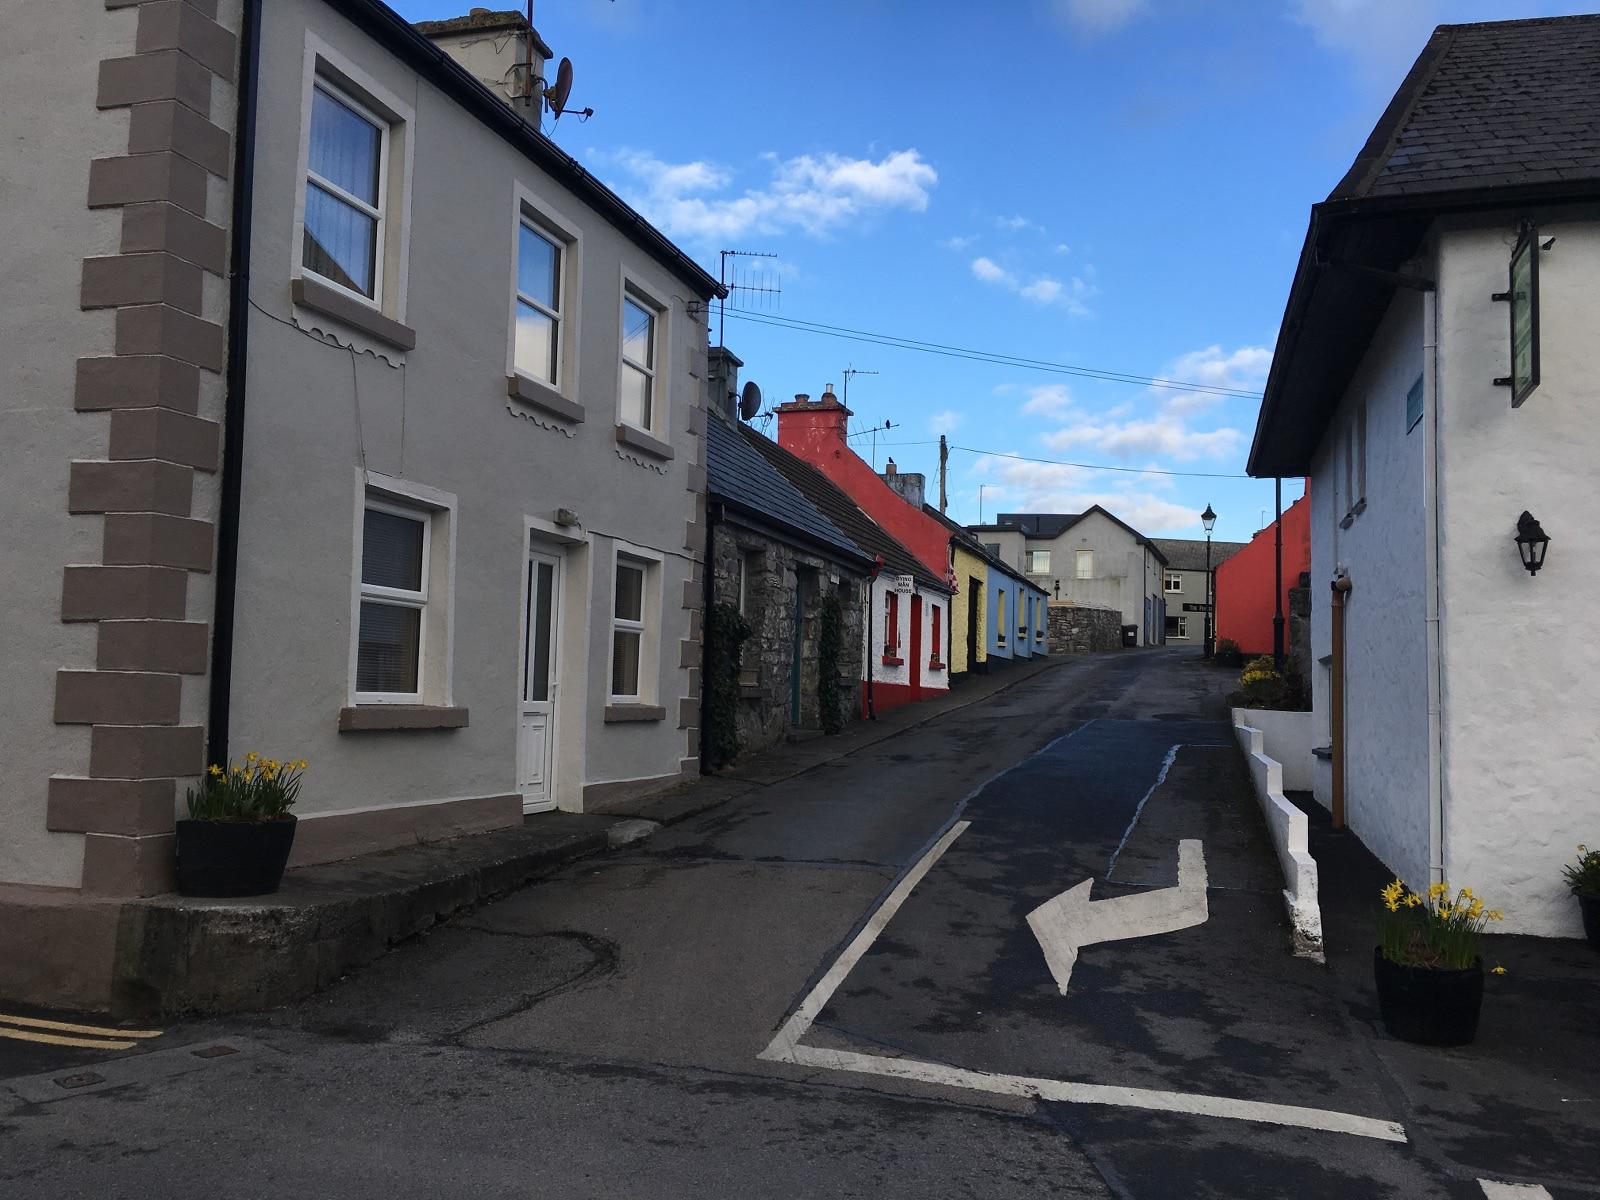 Cong, Mayo, Írország